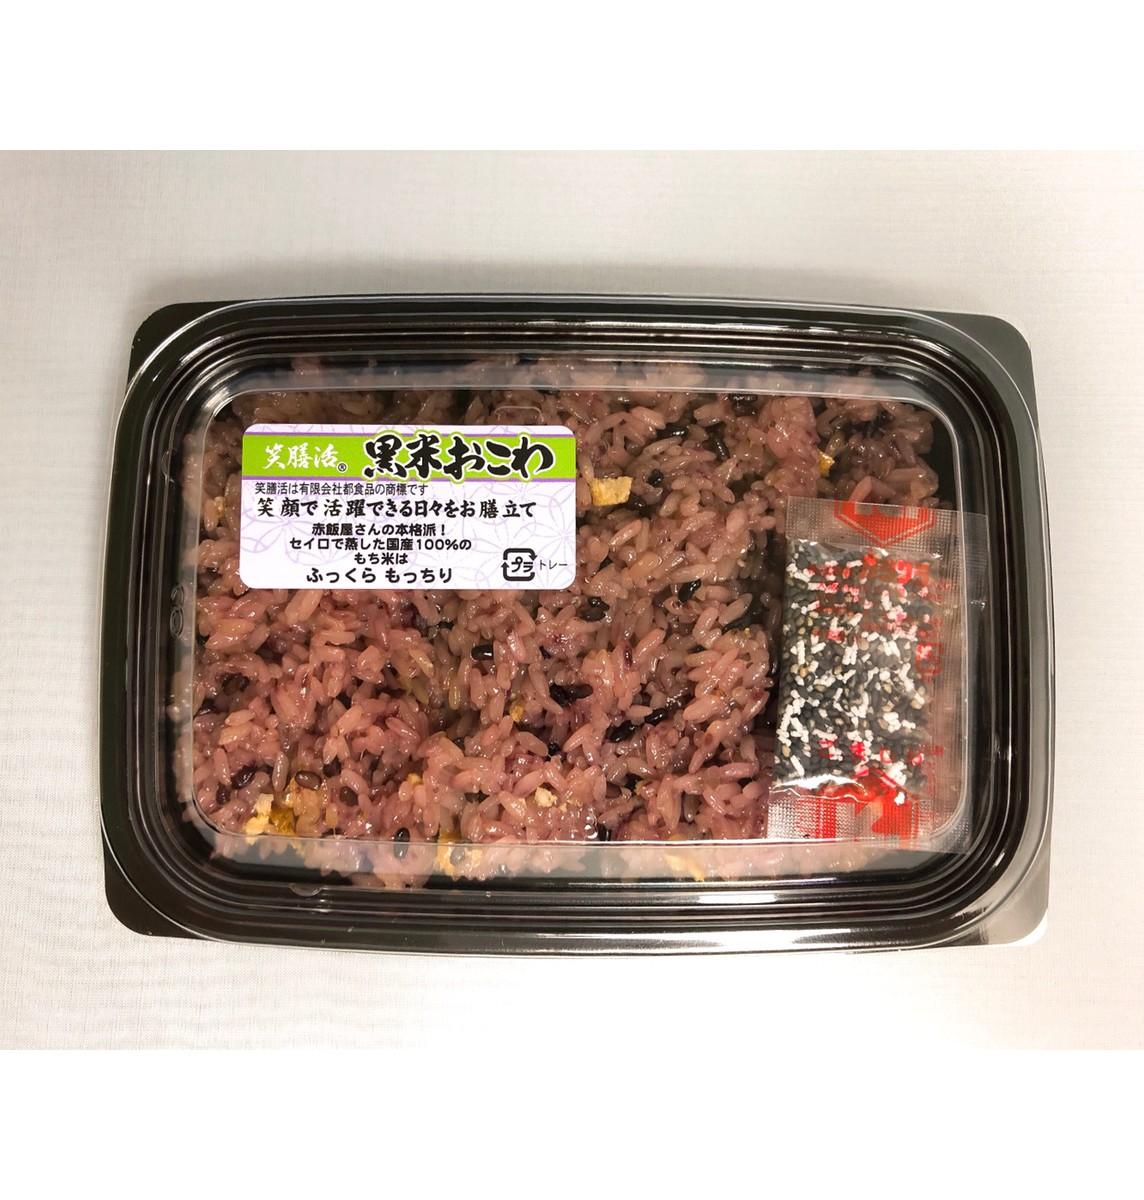 ◆高品質 当店は最高な サービスを提供します 100%国内産の笑膳活 黒米おこわ 200g×10 笑膳活 ふるさと納税